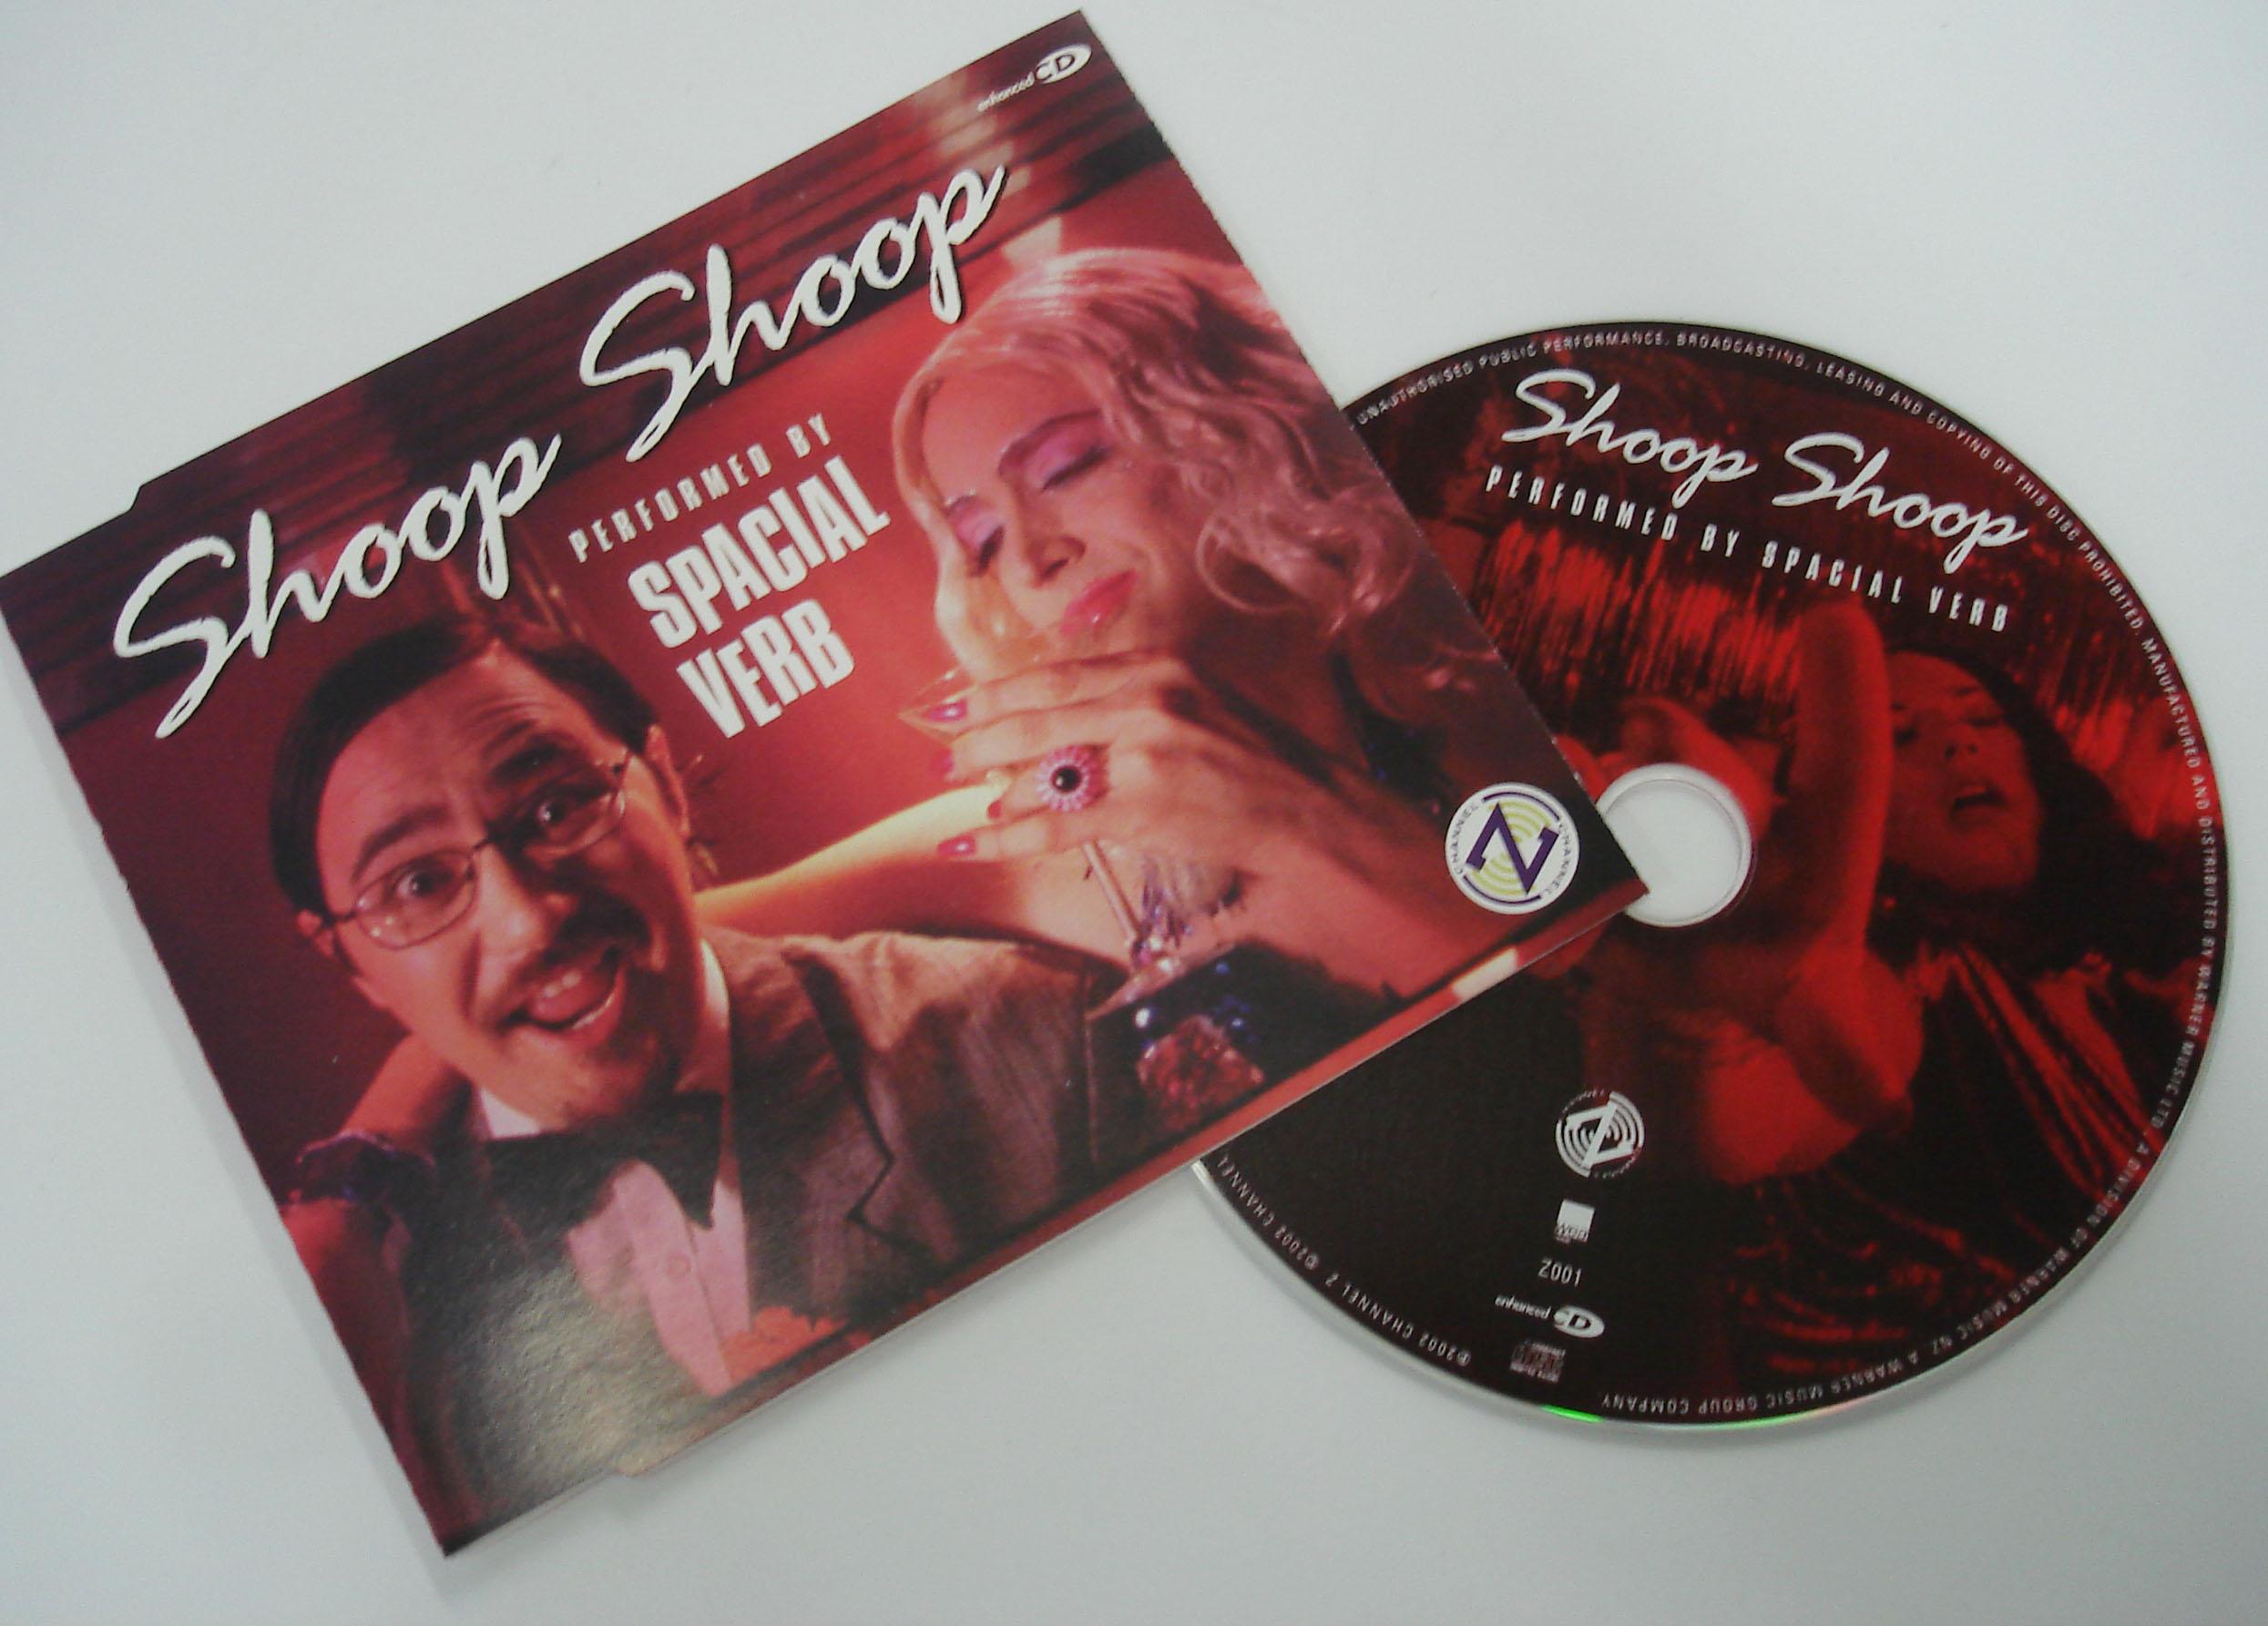 SPACIAL VERB - SHOOP SHOOP - SINGLE